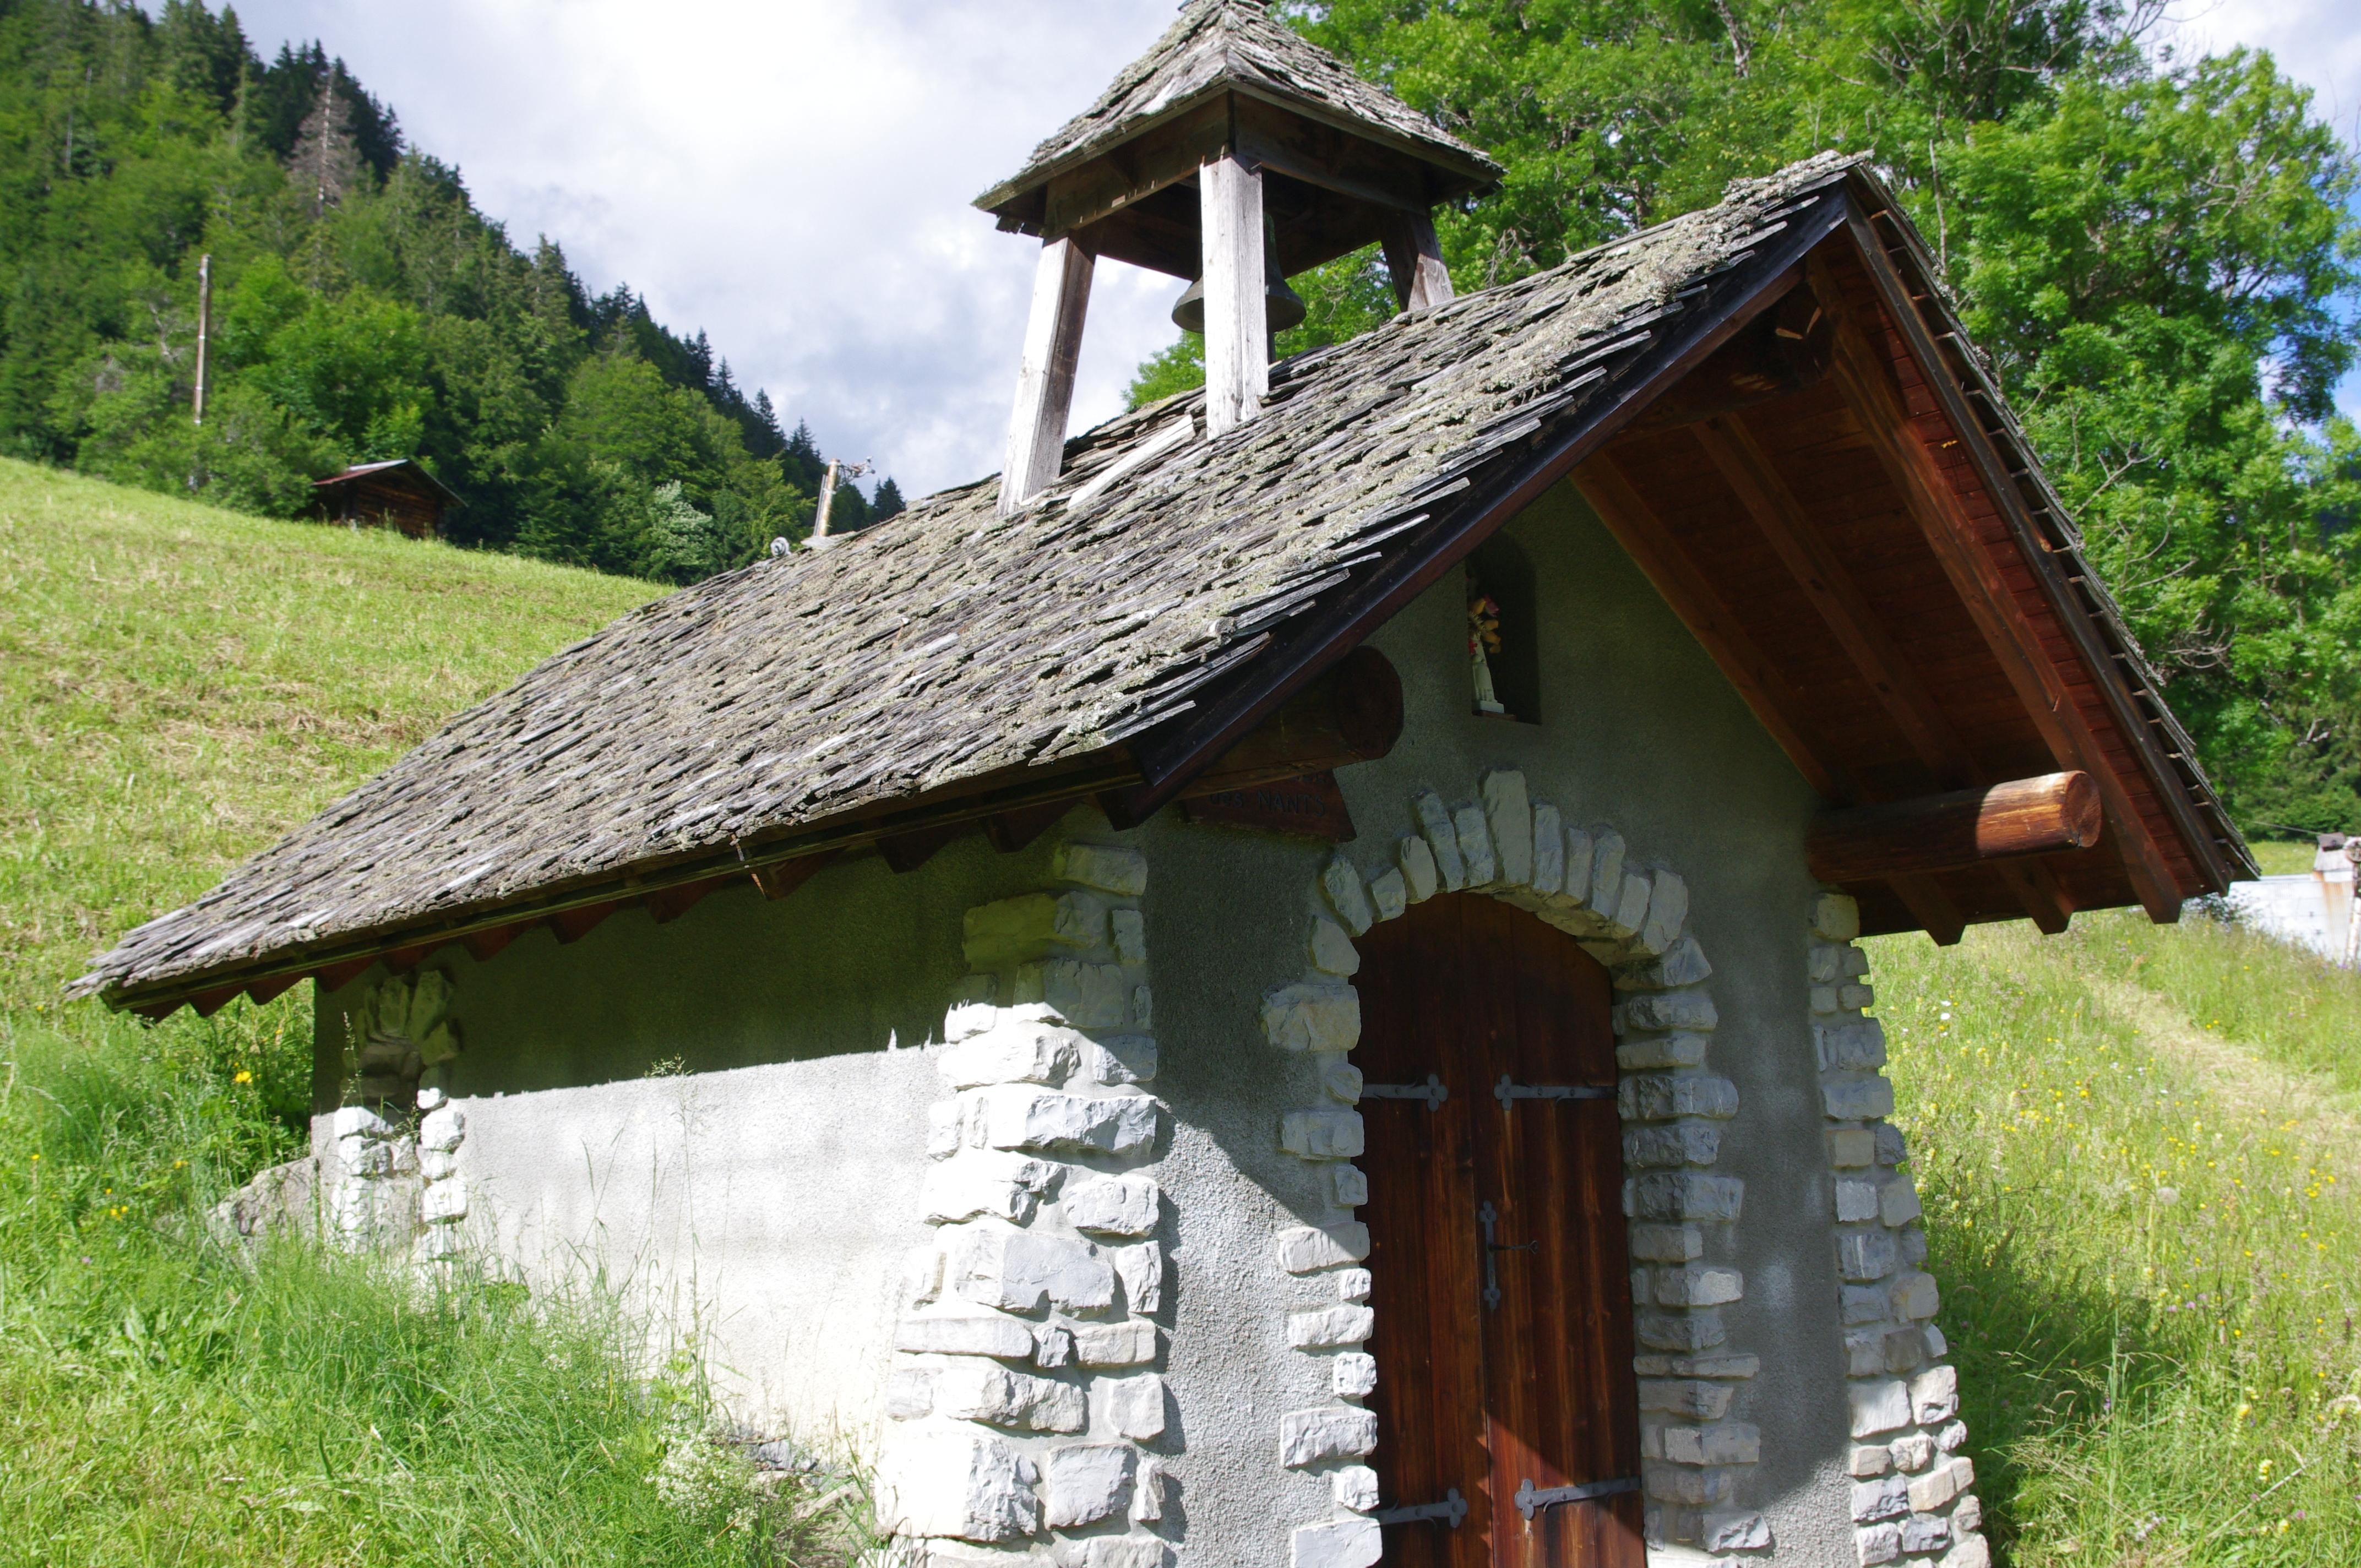 Chapelle des nants savoie mont blanc savoie et haute - Office de tourisme la pierre st martin ...